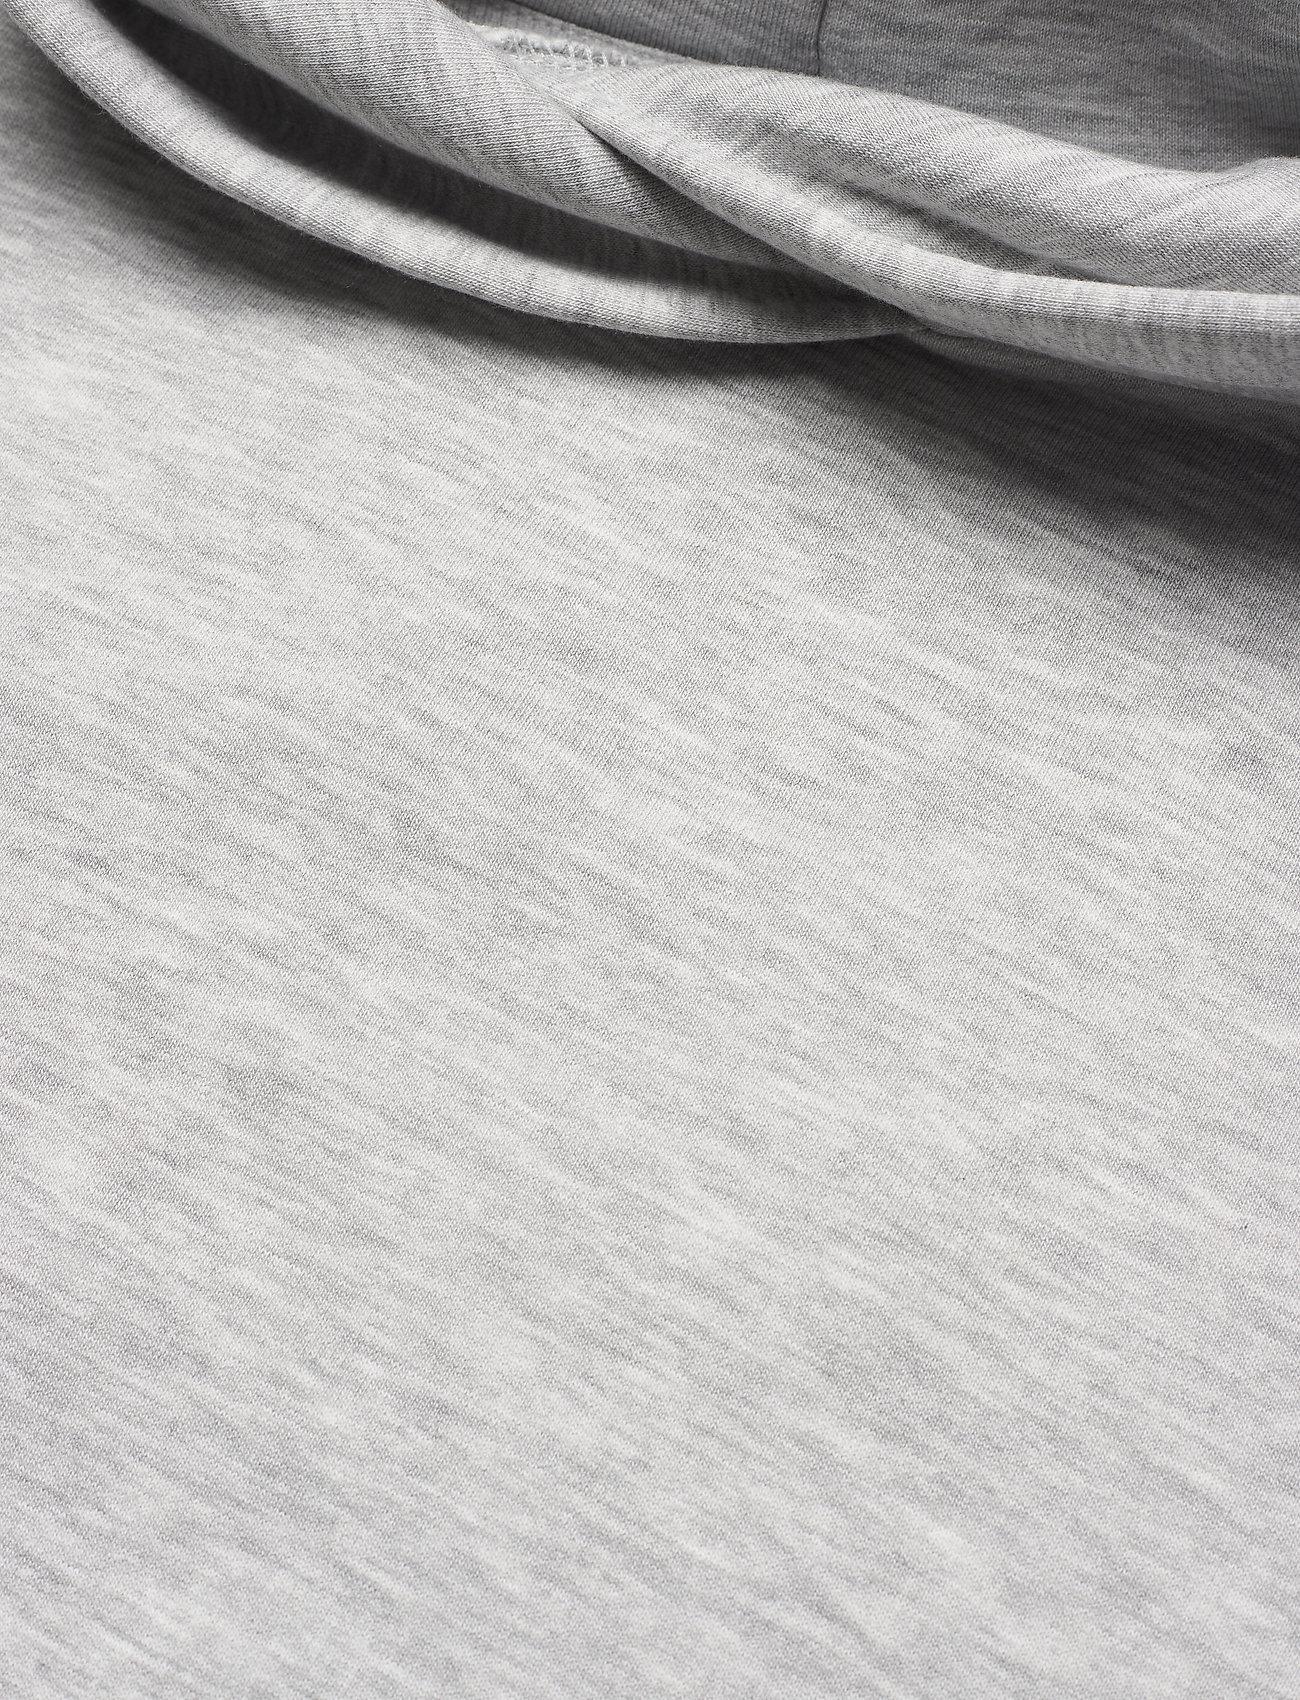 RODEBJER - RODEBJER MONOGRAM - sweatshirts & hættetrøjer - grey melange - 2